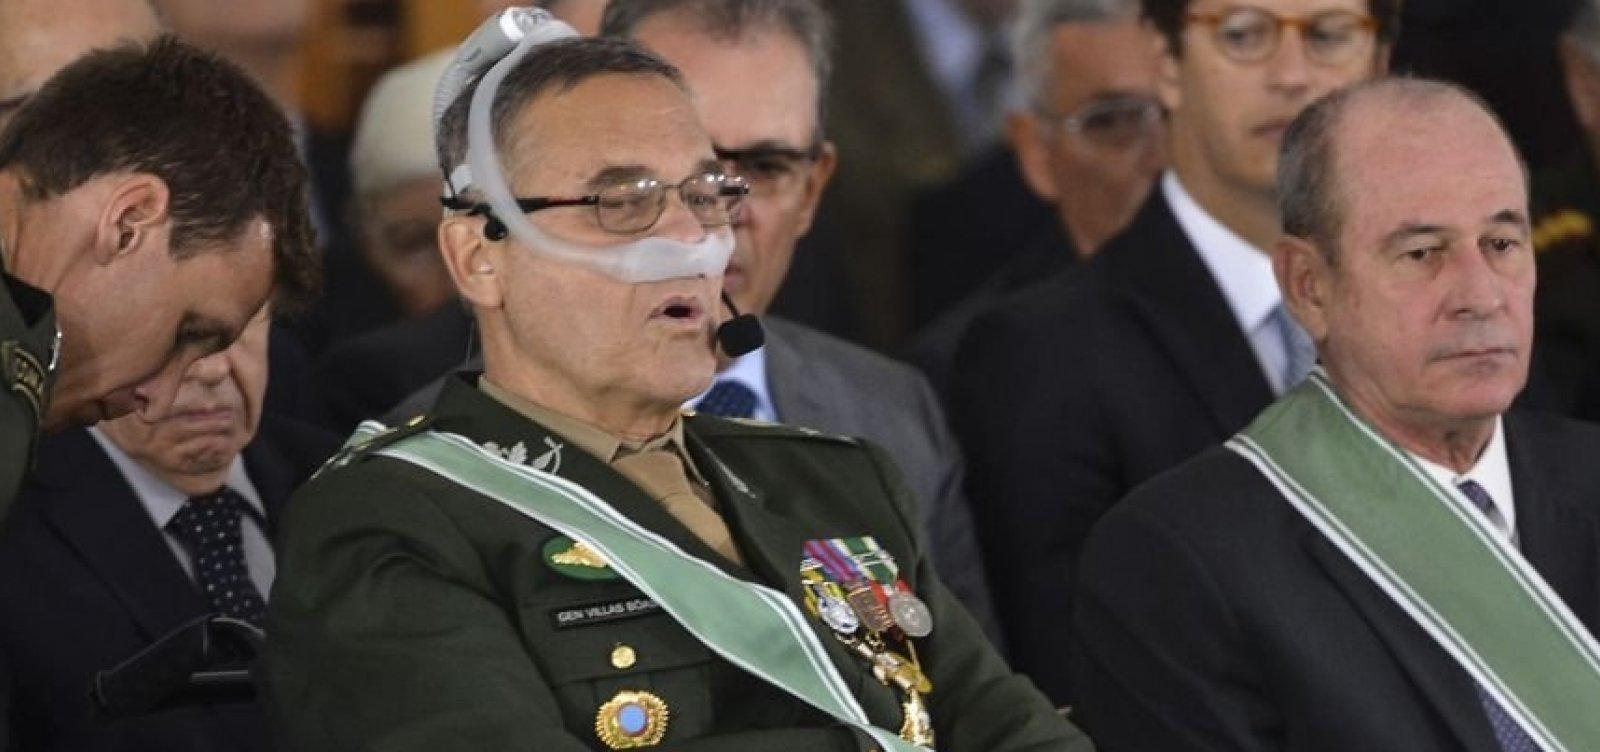 [General Villas Bôas vai continuar no governo]